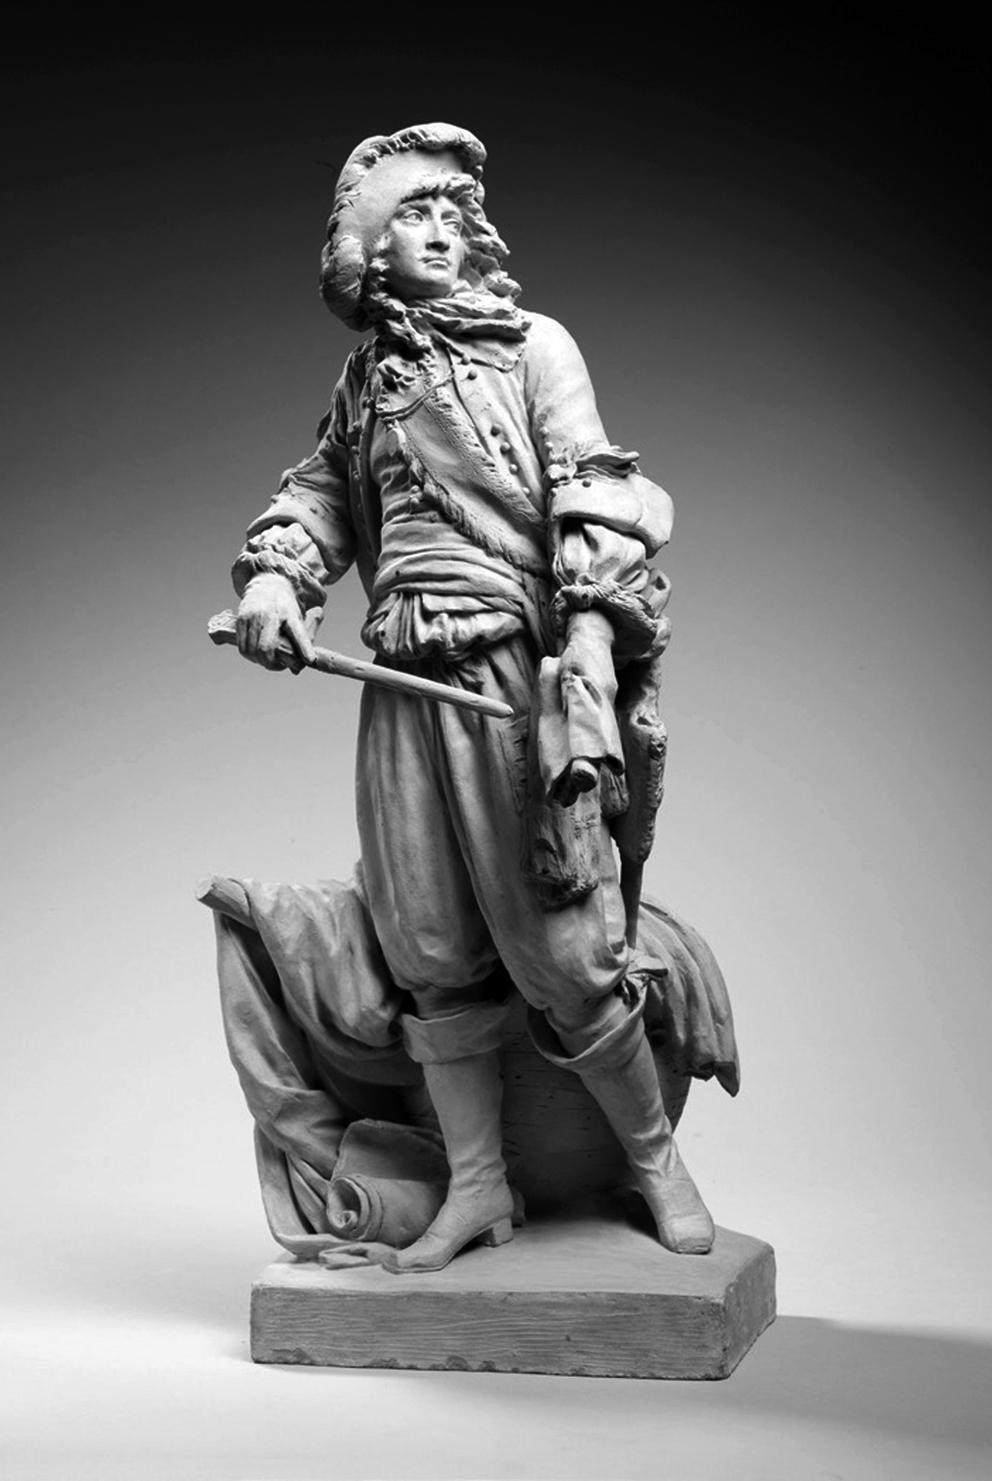 Abb.4: Jean-Antoine Houdon (1741–1828), Anne Hilarion de Cotentin, comte de Tourville, maréchal de France (1642–1701), Terrakotta, 1784, 52,5 cm x 23,3 cm x 26 cm, MNC 23450 [RMN-Grand Palais (Sèvres - Cité de la céramique)/Thierry Ollivier].